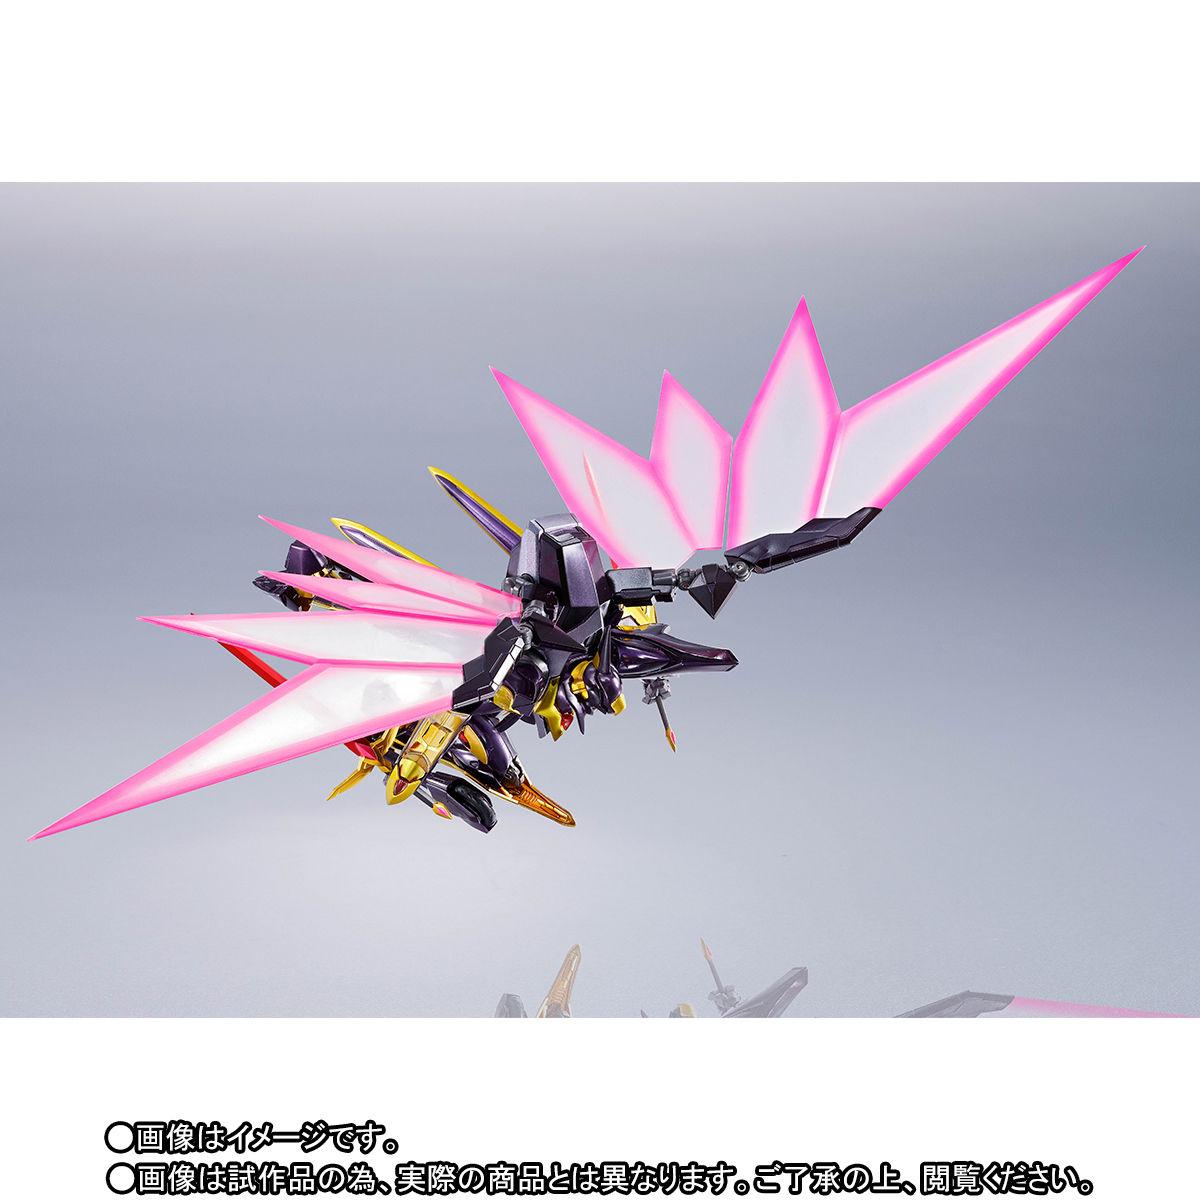 METAL ROBOT魂〈SIDE KMF〉『ランスロット・アルビオン ゼロ』コードギアス 可動フィギュア-007